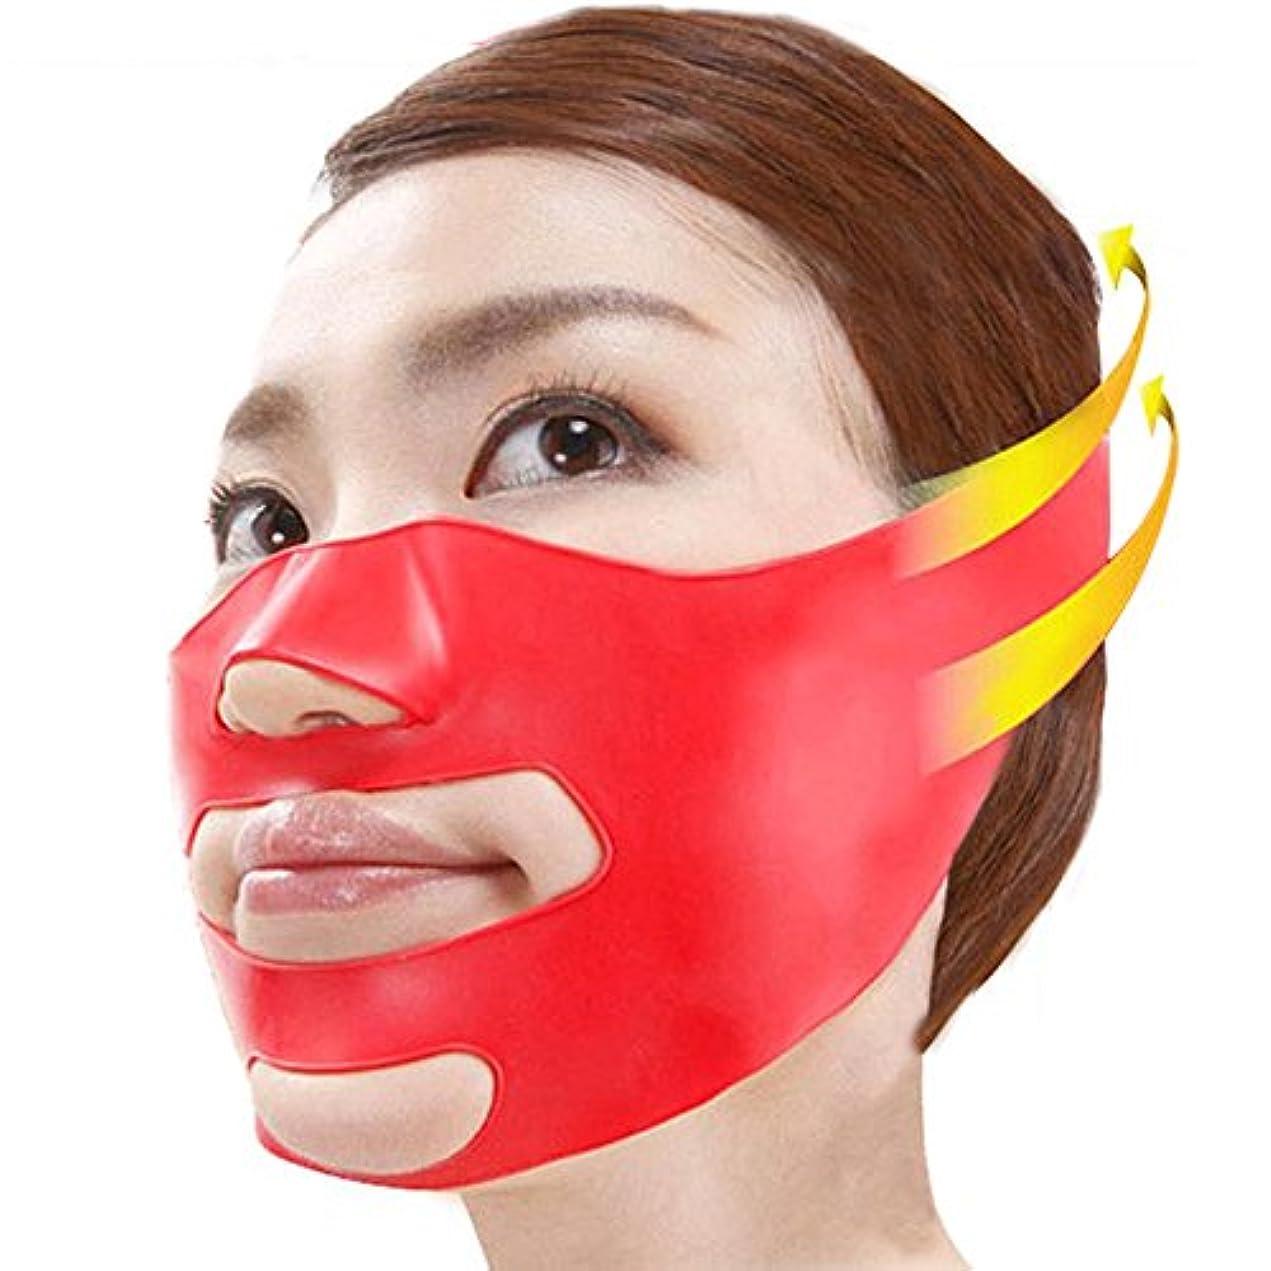 シャーク思いつくオーチャード3D 小顔 マッサージグッズ フェイスマスク 美容 顔痩せ ほうれい線 消す グッズ 美顔 矯正 (フリーサイズ, レッド)